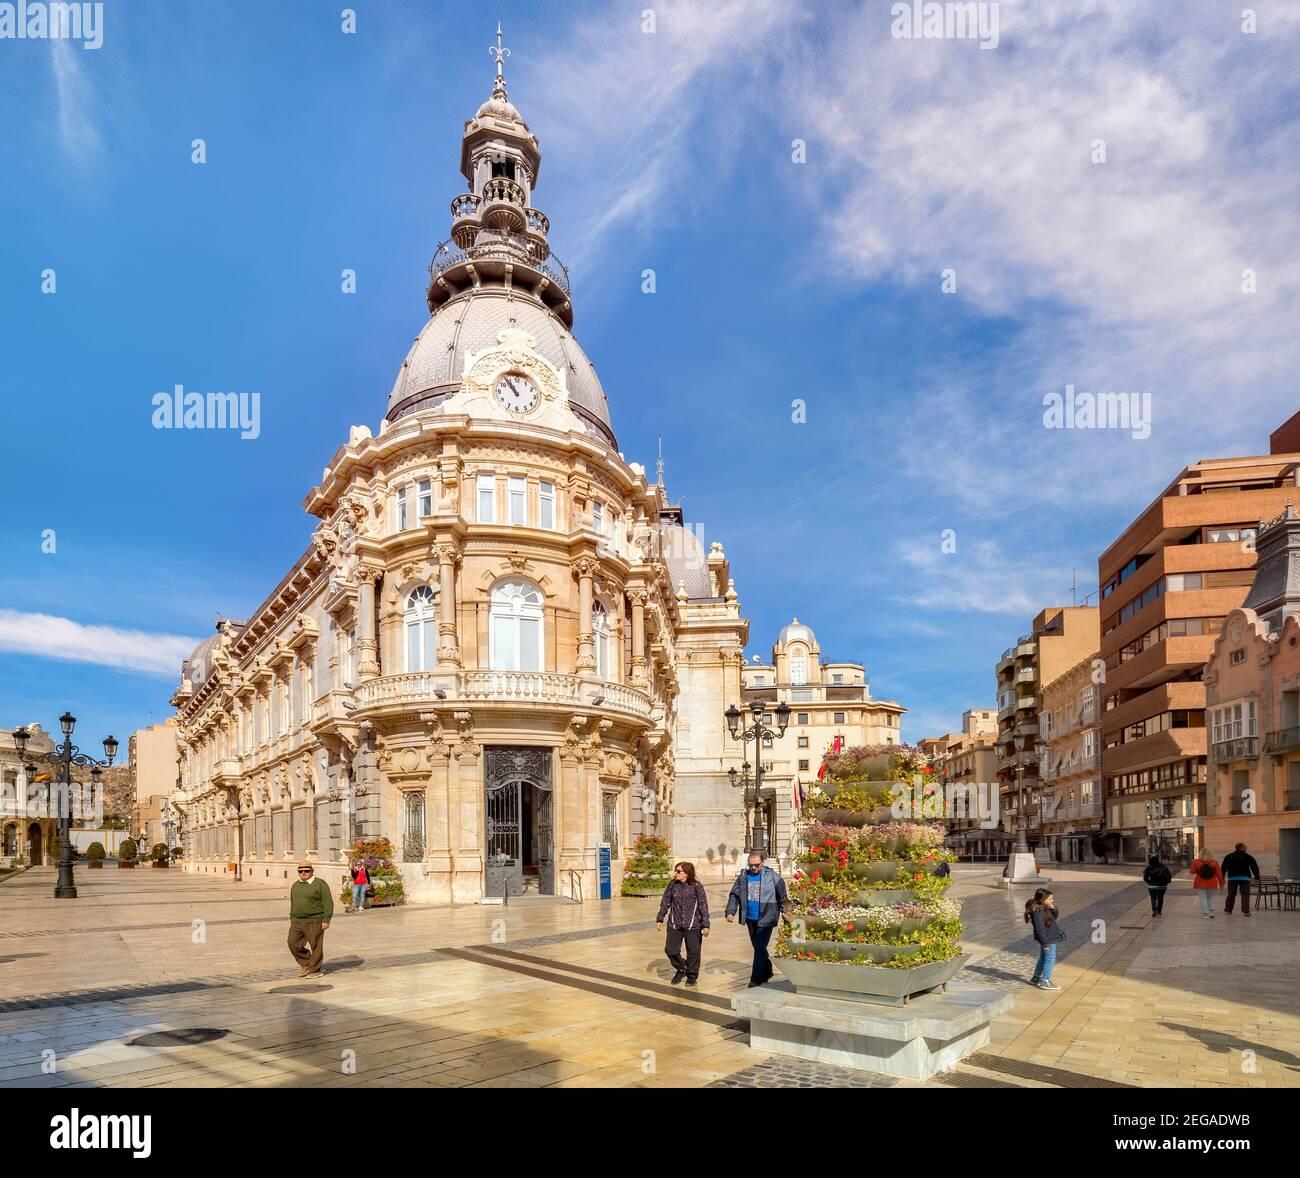 7 de marzo de 2020: Cartagena, España - Palacio Consistorial o Ayuntamiento de Cartagena en un buen día de primavera. Foto de stock